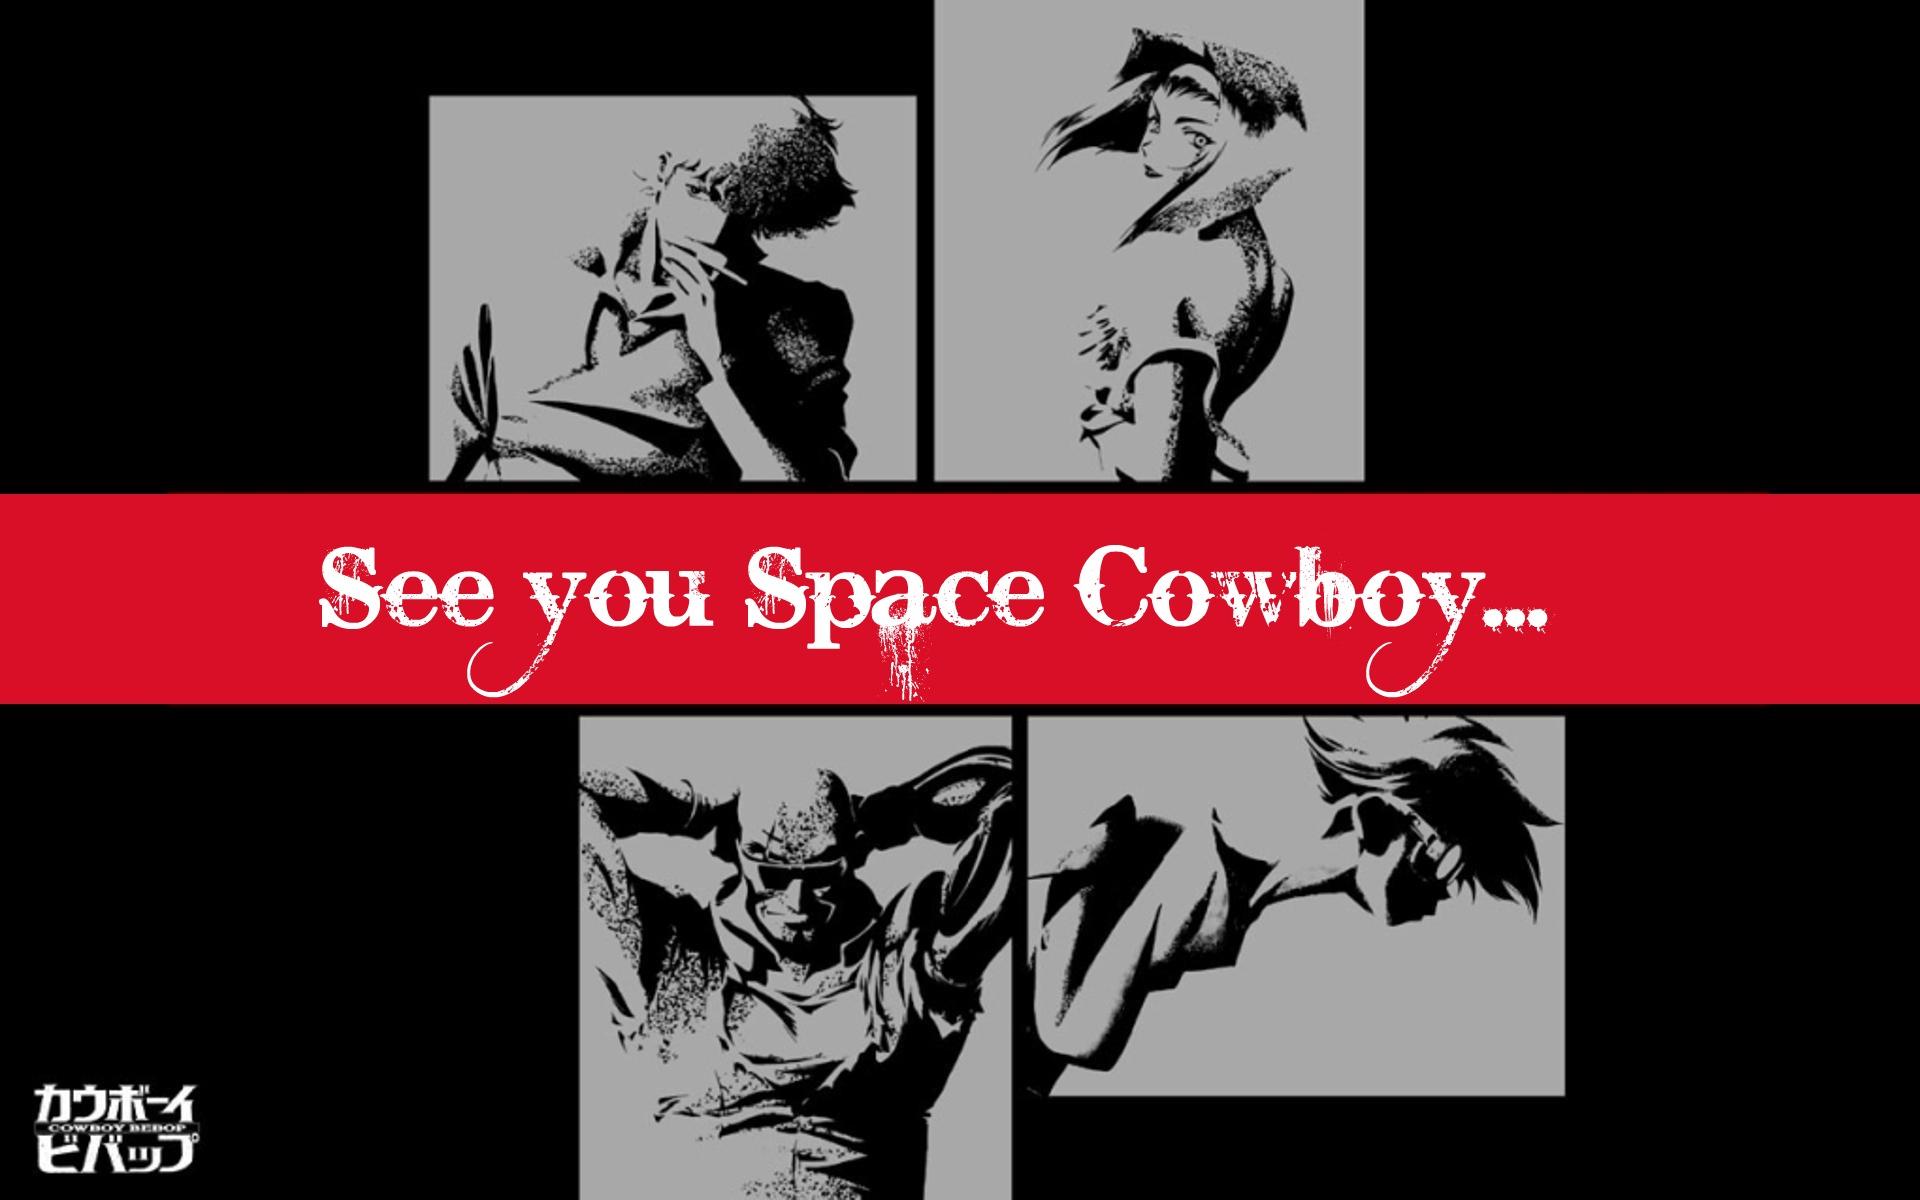 Cowboy Bebop Computer Wallpapers Desktop Backgrounds 1920x1200 ID 1920x1200